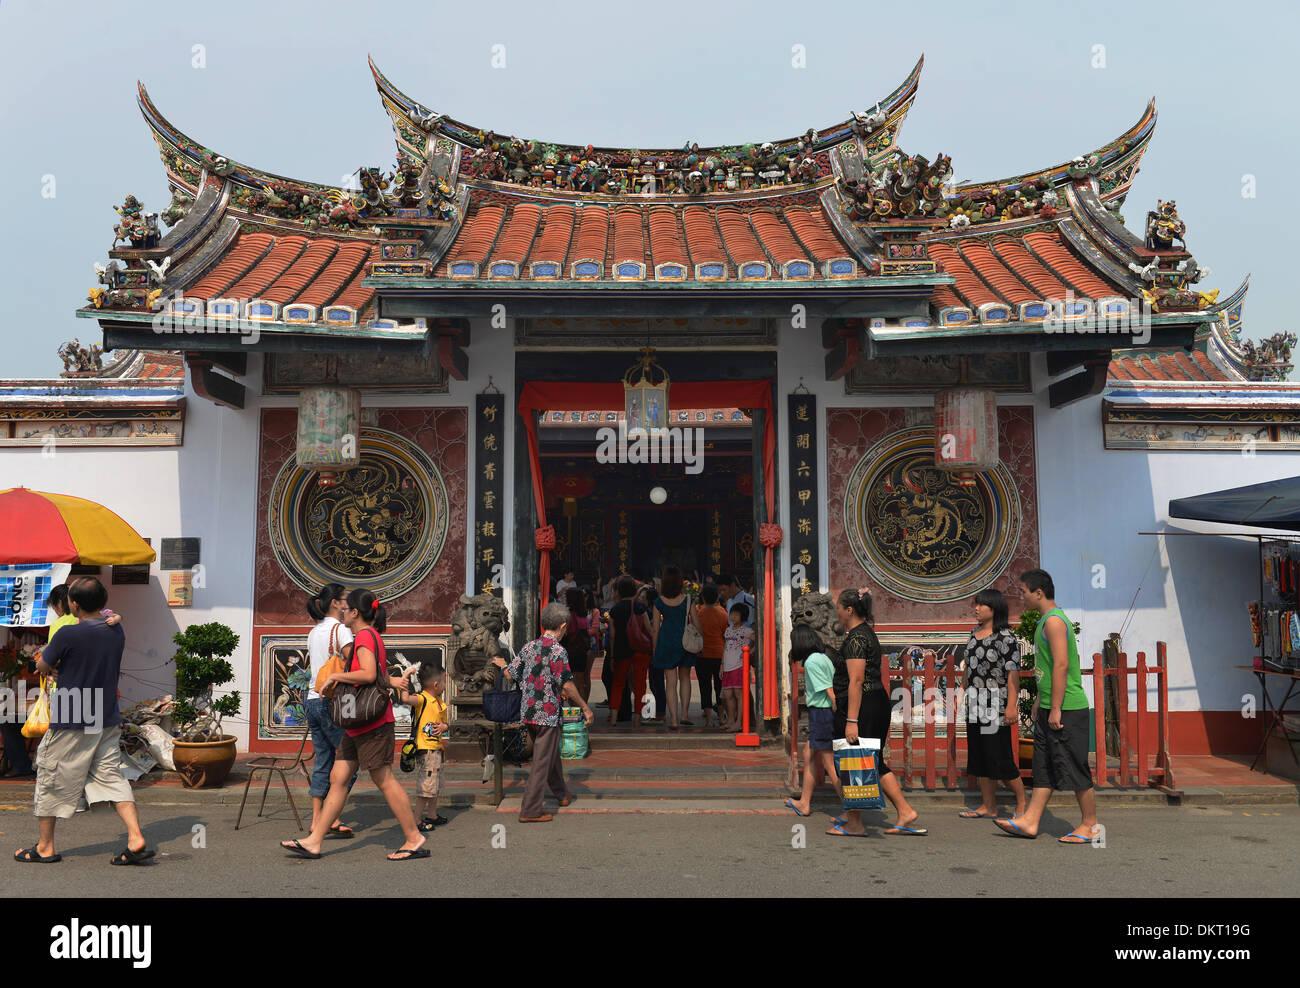 Cheng-Hoon-Teng-Tempel Melaka Malaysia Stock Photo